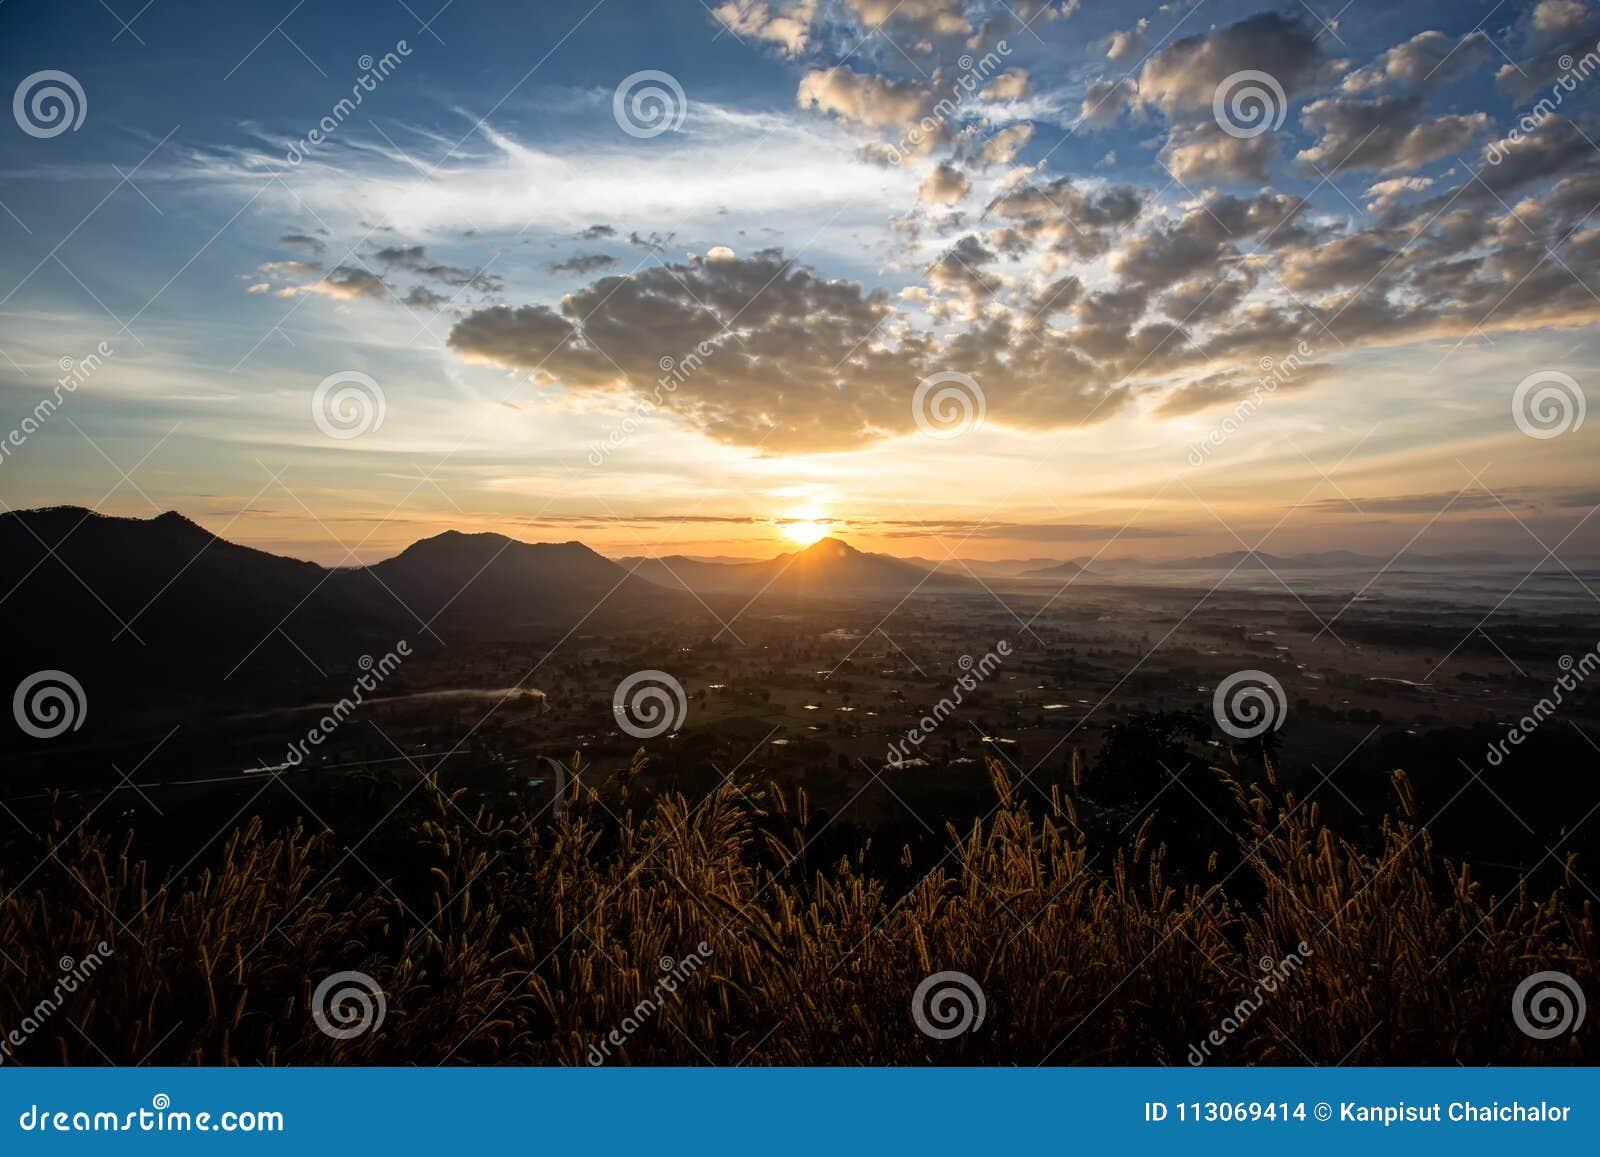 Καταπληκτικό θερινό ομιχλώδες τοπίο Όμορφο δραματικό υπόβαθρο τοπίων ουρανού φύσης κρητιδογραφιών στην έννοια θερινής ημέρας